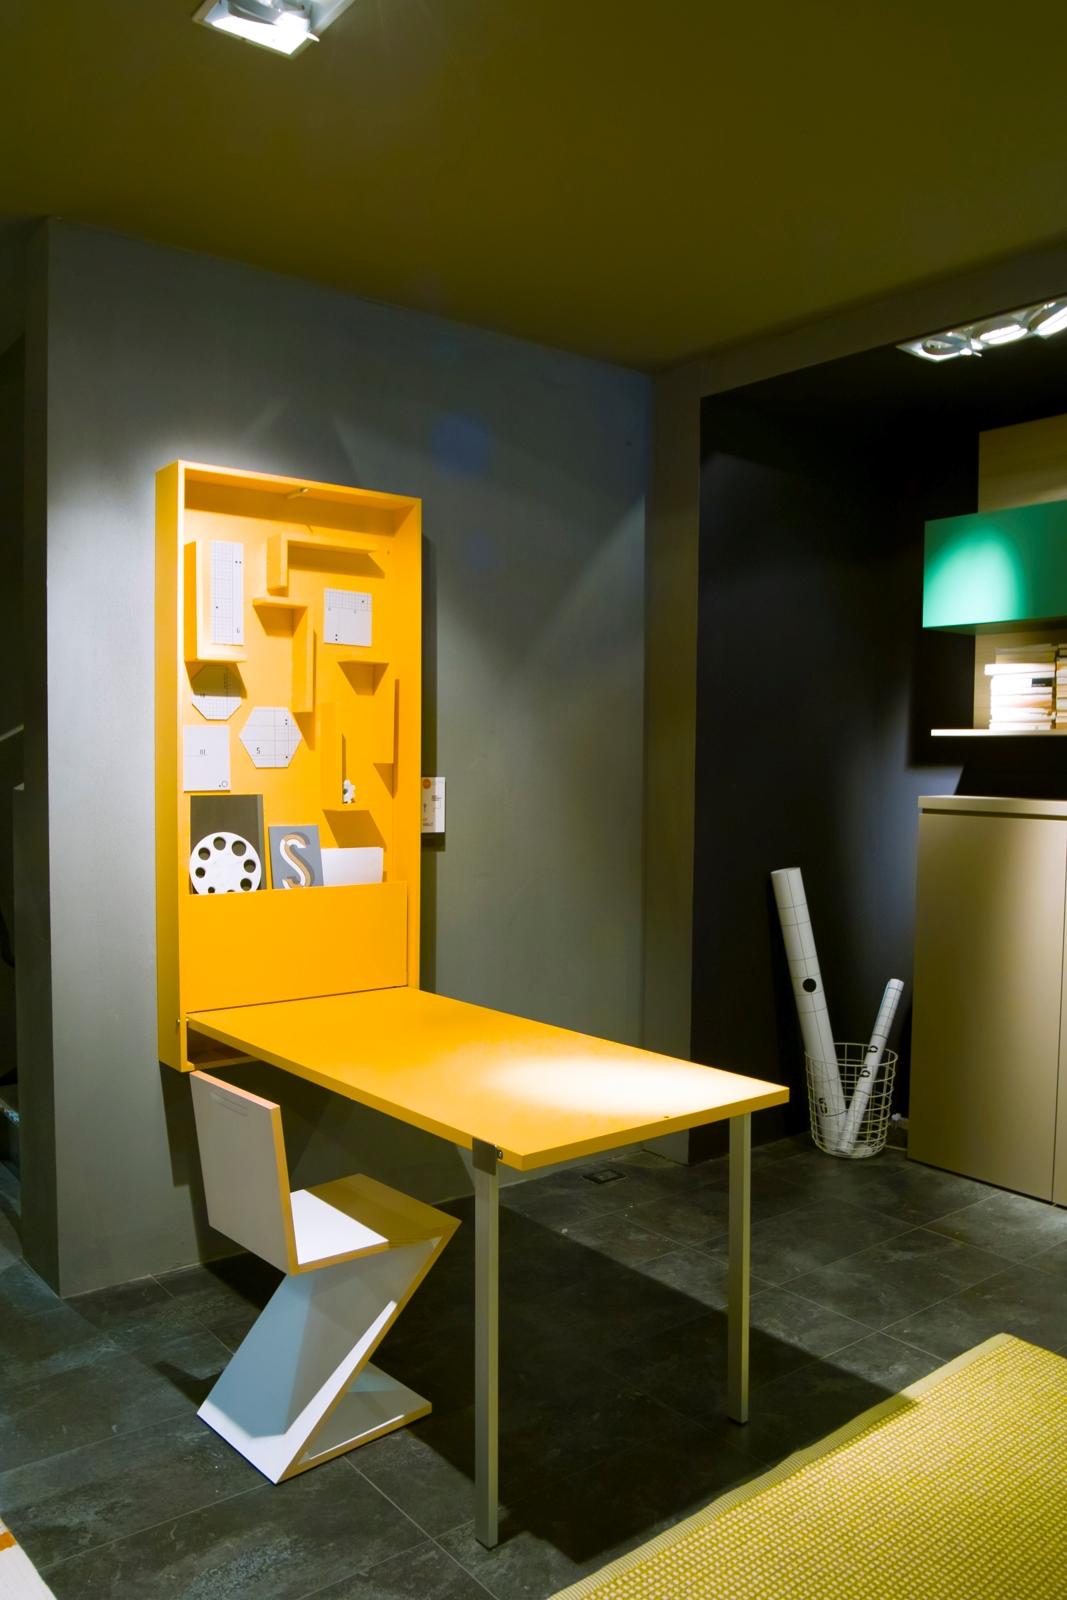 Promozione Sul Nuovo Sconti Ll Tavolo A Scomparsa Wally Di Clei Con #C08D0B 1067 1600 Ikea Tavoli A Muro